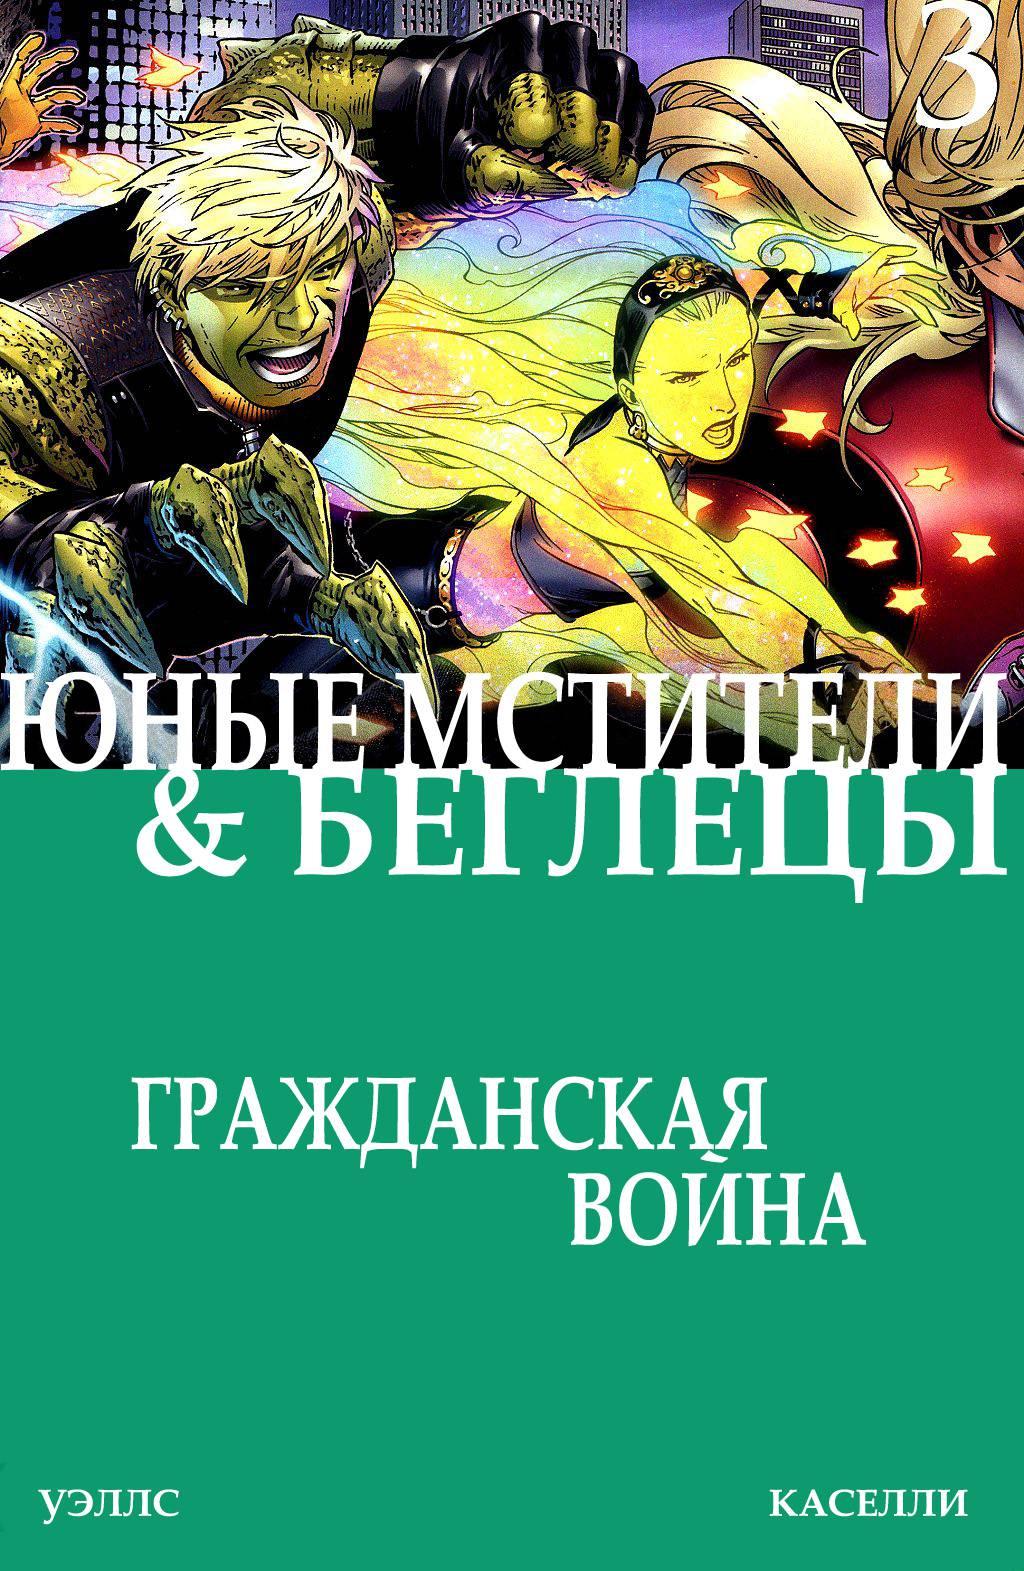 Гражданская Война: Юные Мстители и Беглецы №3 онлайн